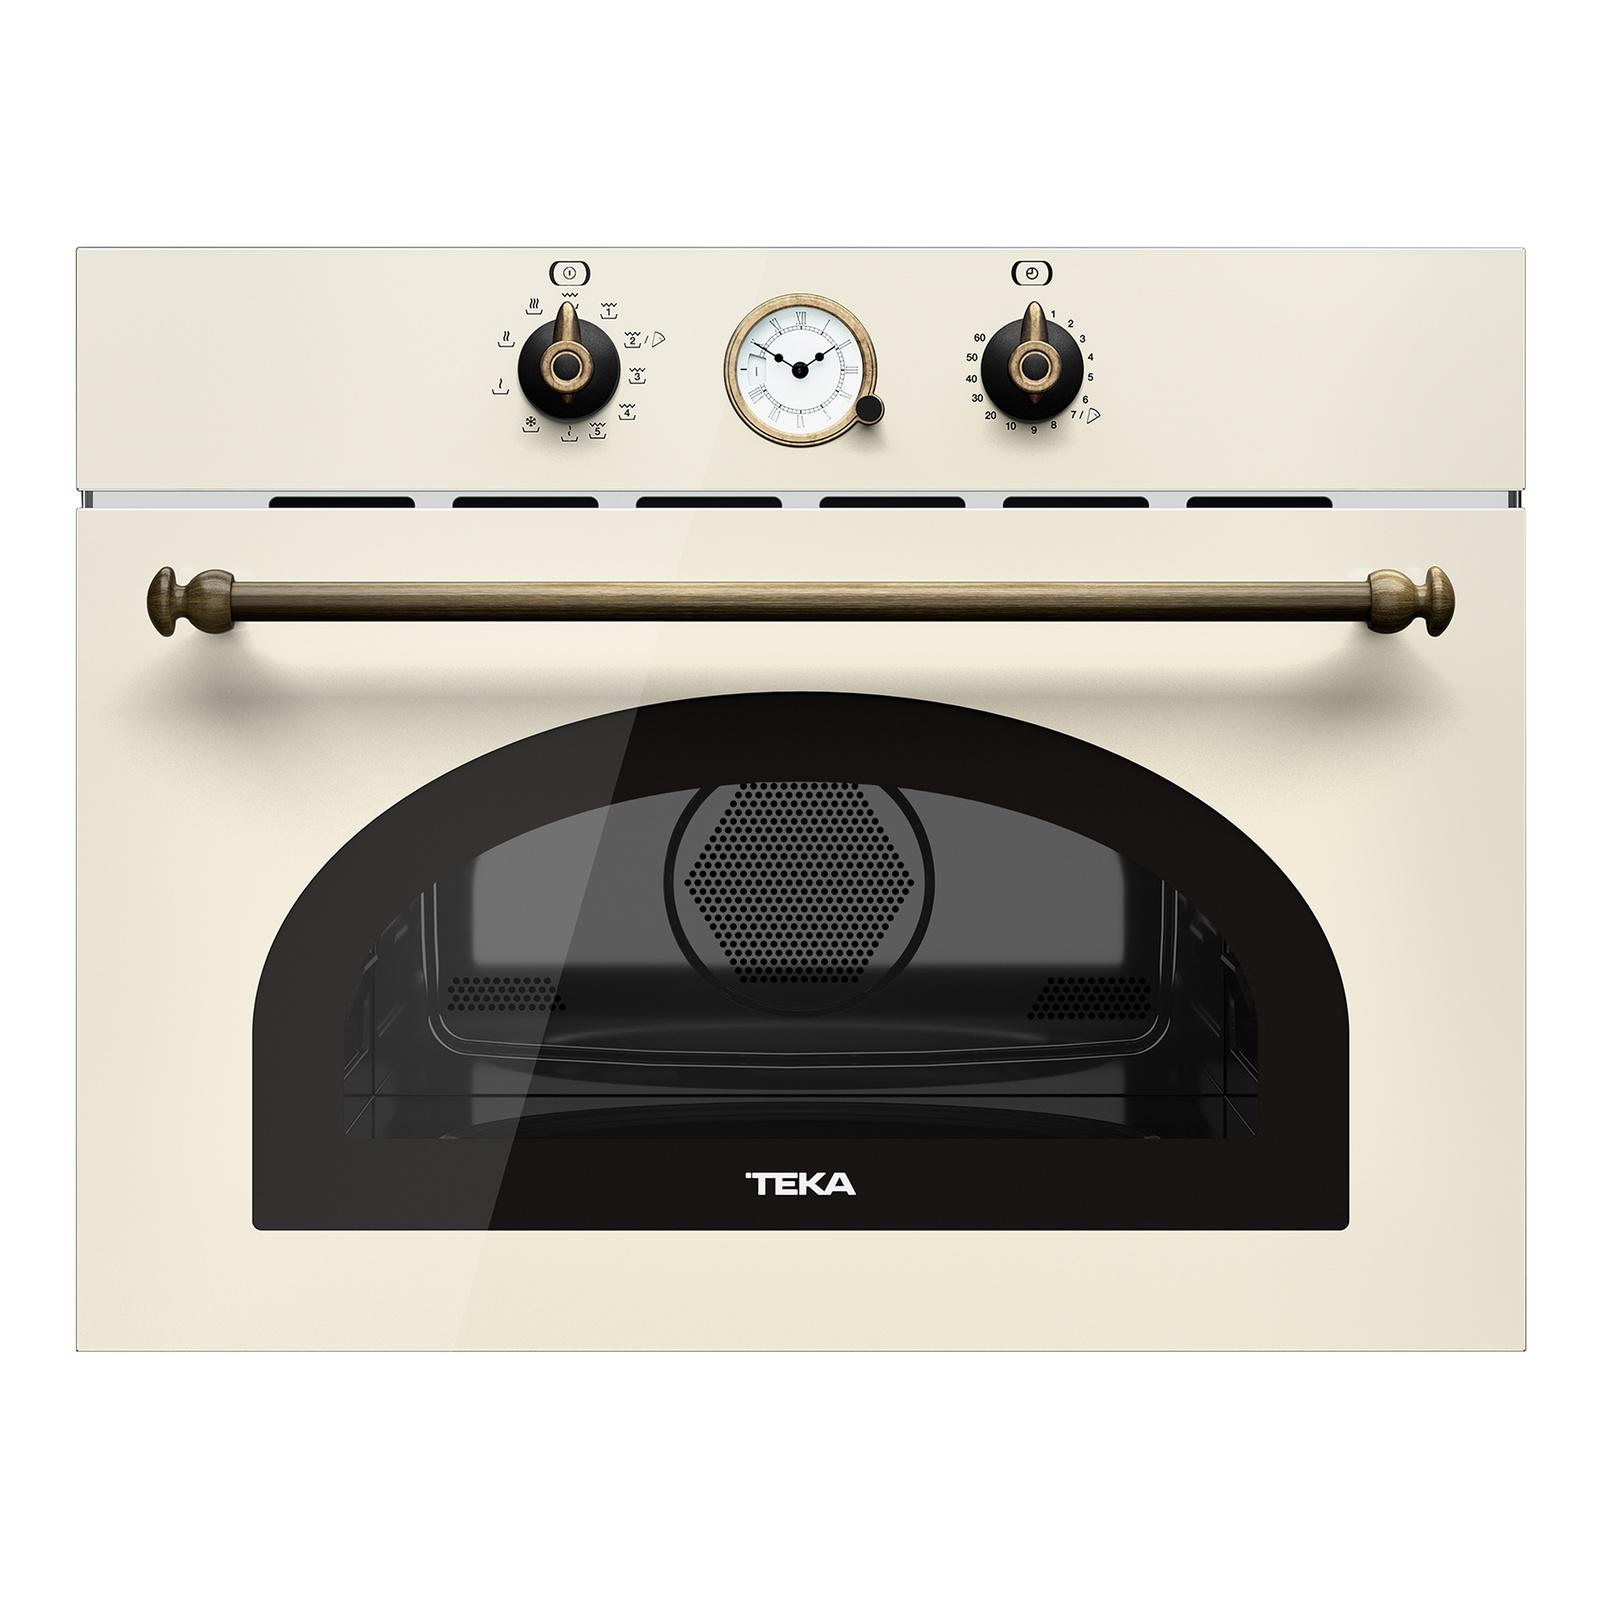 Микроволновая печь TEKA MWR 32 BIA VB ваниль с аналоговыми часами